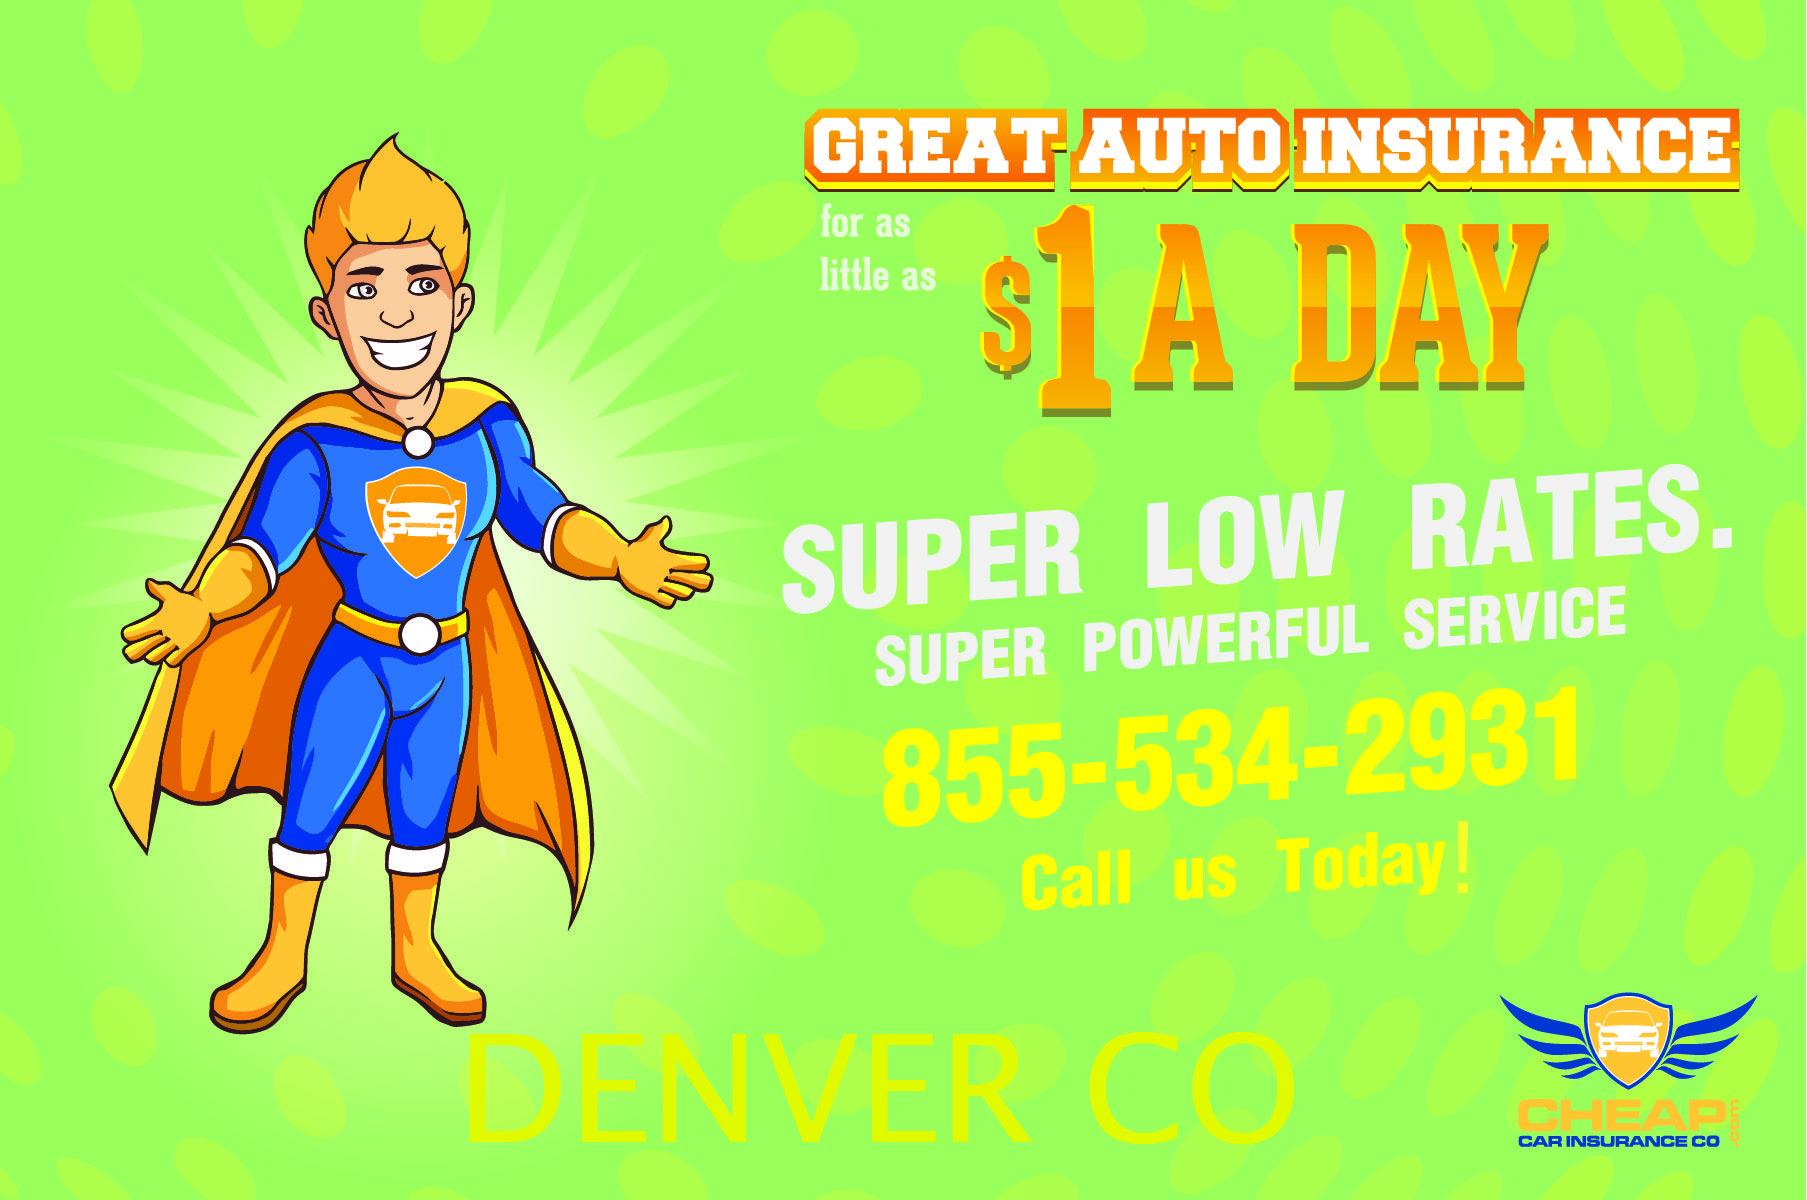 Car Insurance Denver Colorado . Residents of Denver get